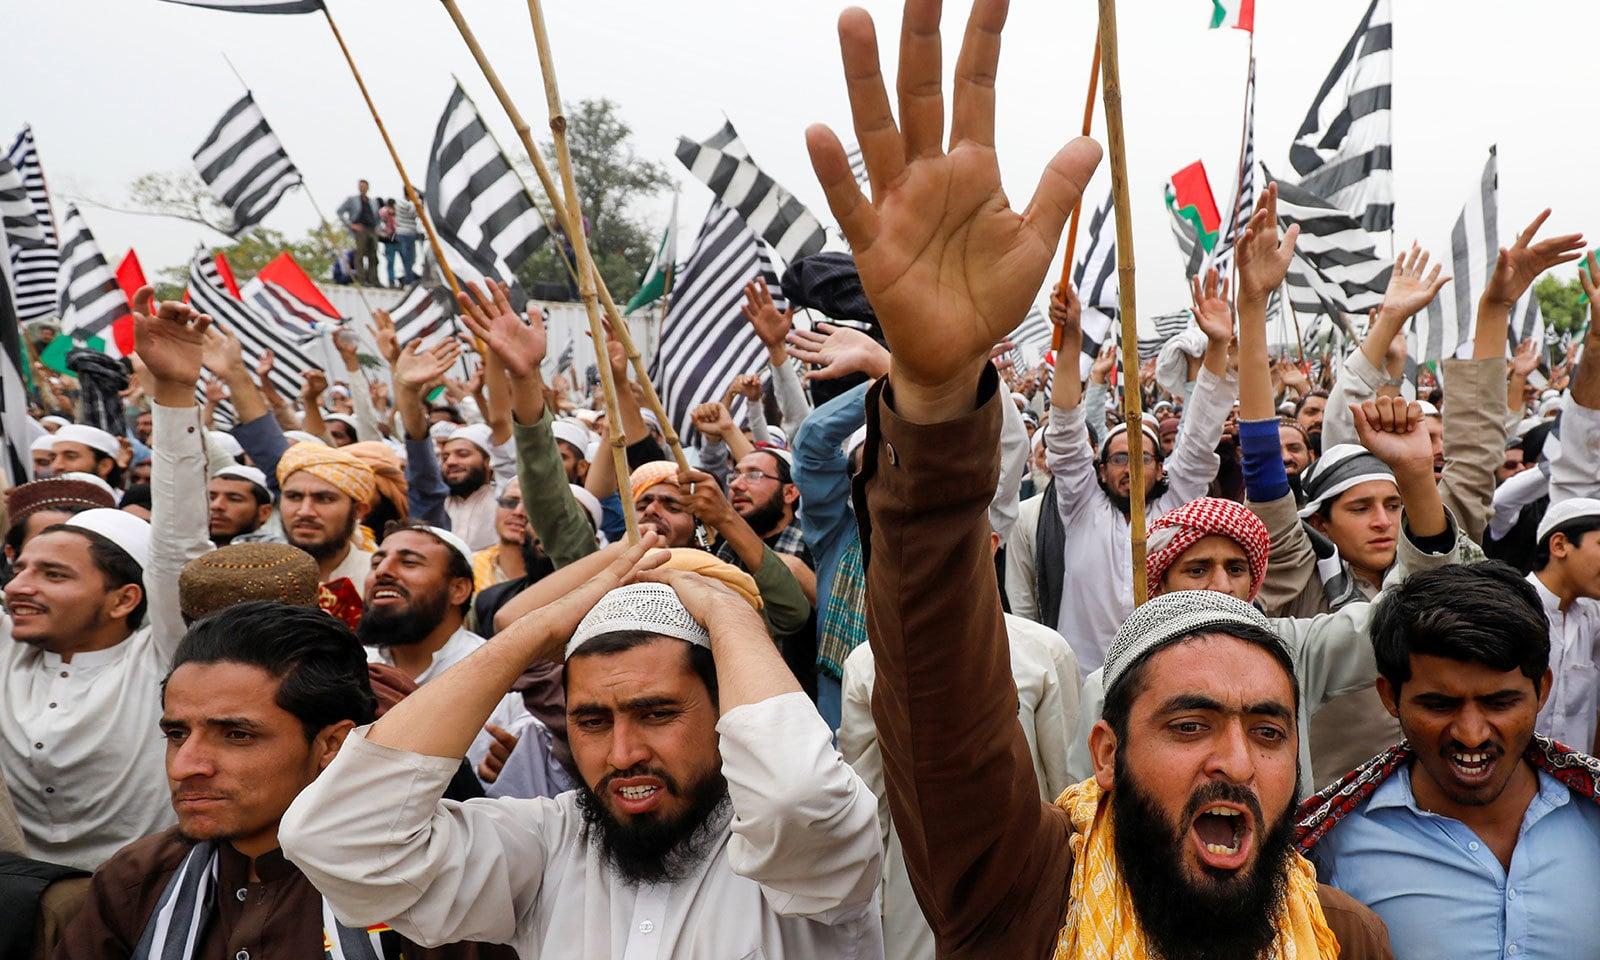 مظاہرین نے حکومت اور  وزیراعظم کے خلاف نعرے بازی کی—فوٹو:رائٹرز